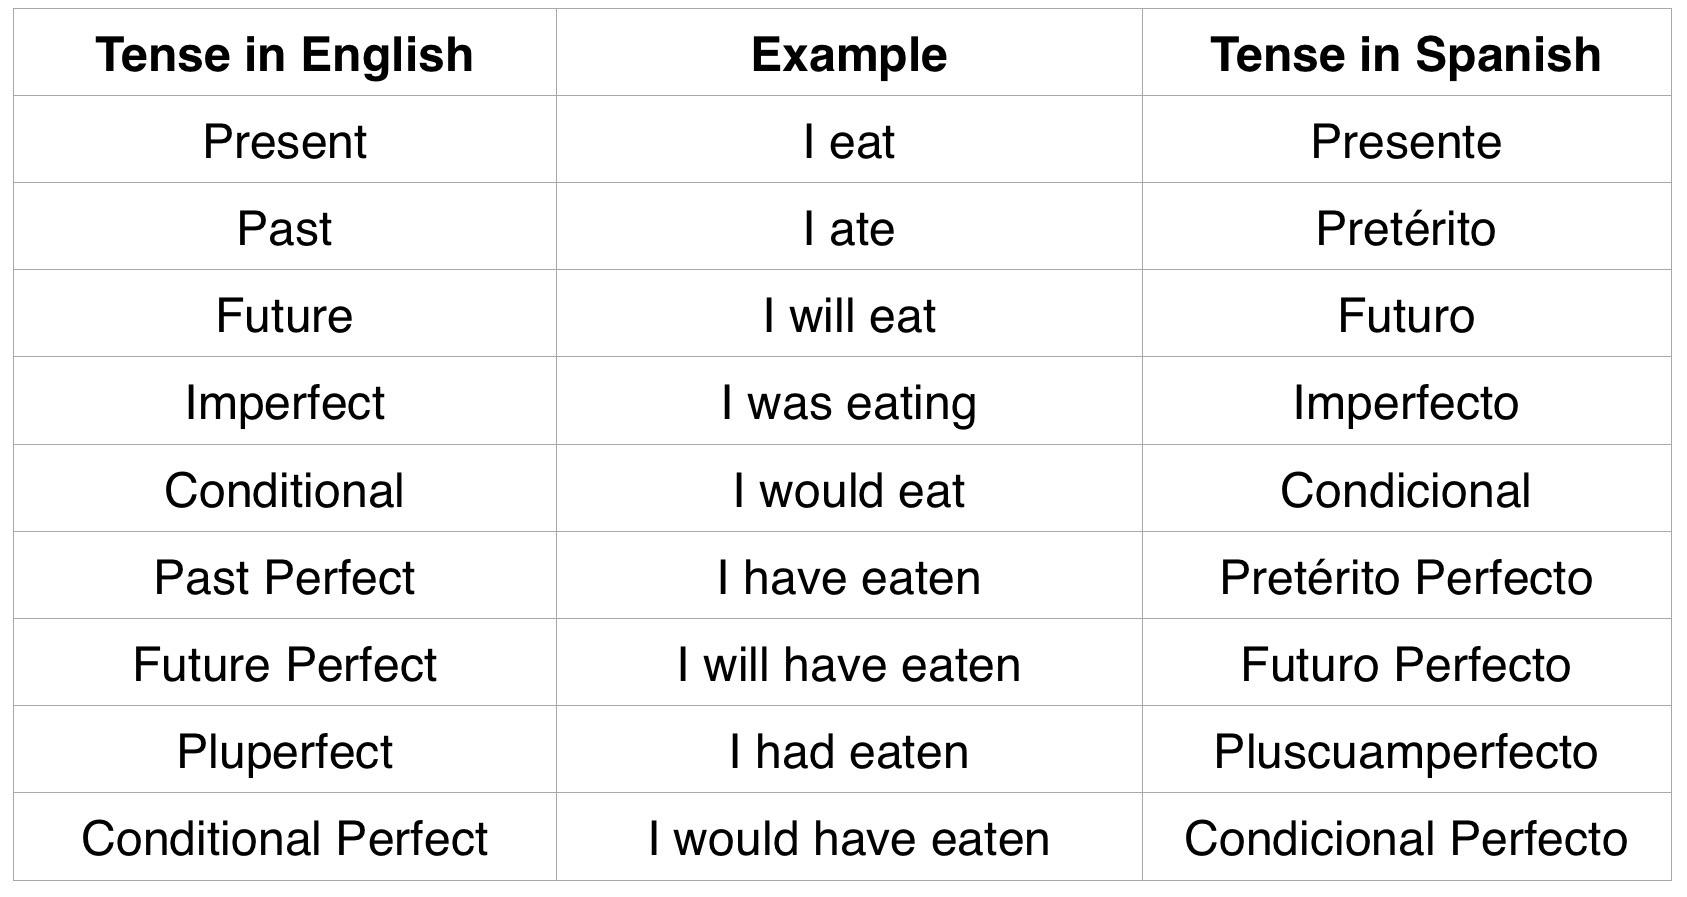 Spanish Present Tense Endings Table